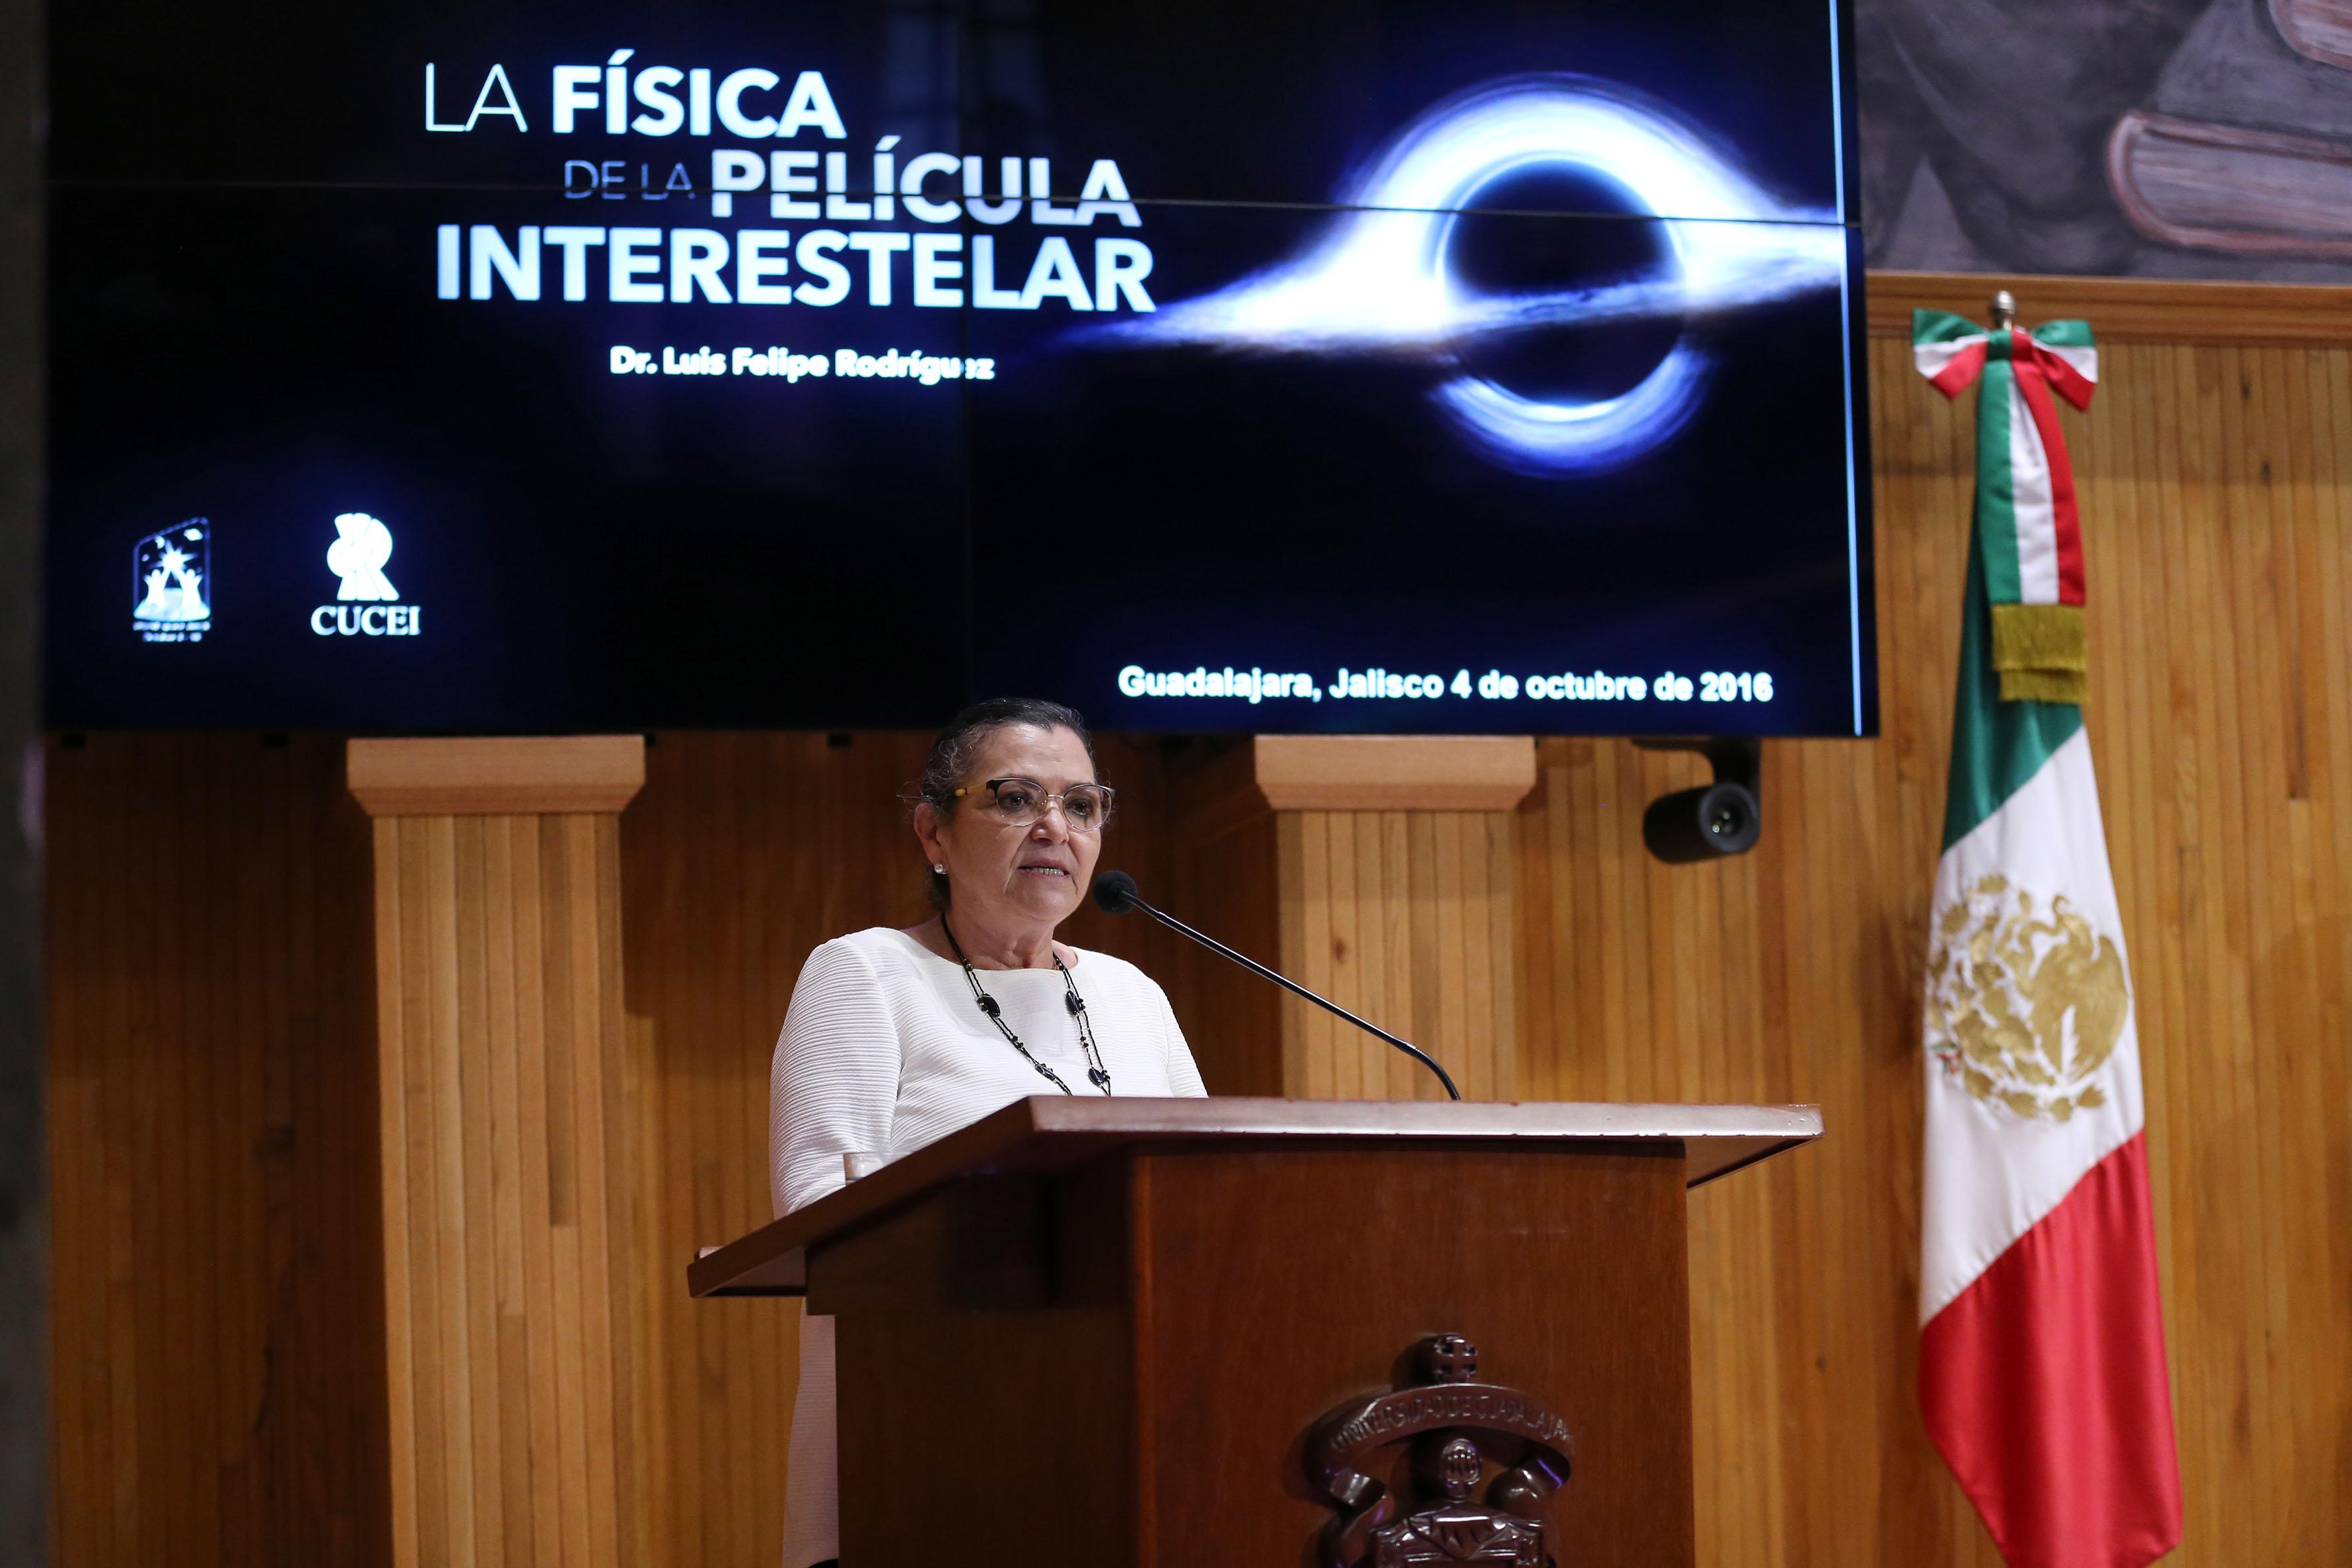 La Rectora del Centro Universitario de Ciencias Exactas e Ingenierías, doctora Ruth Padilla Muñoz